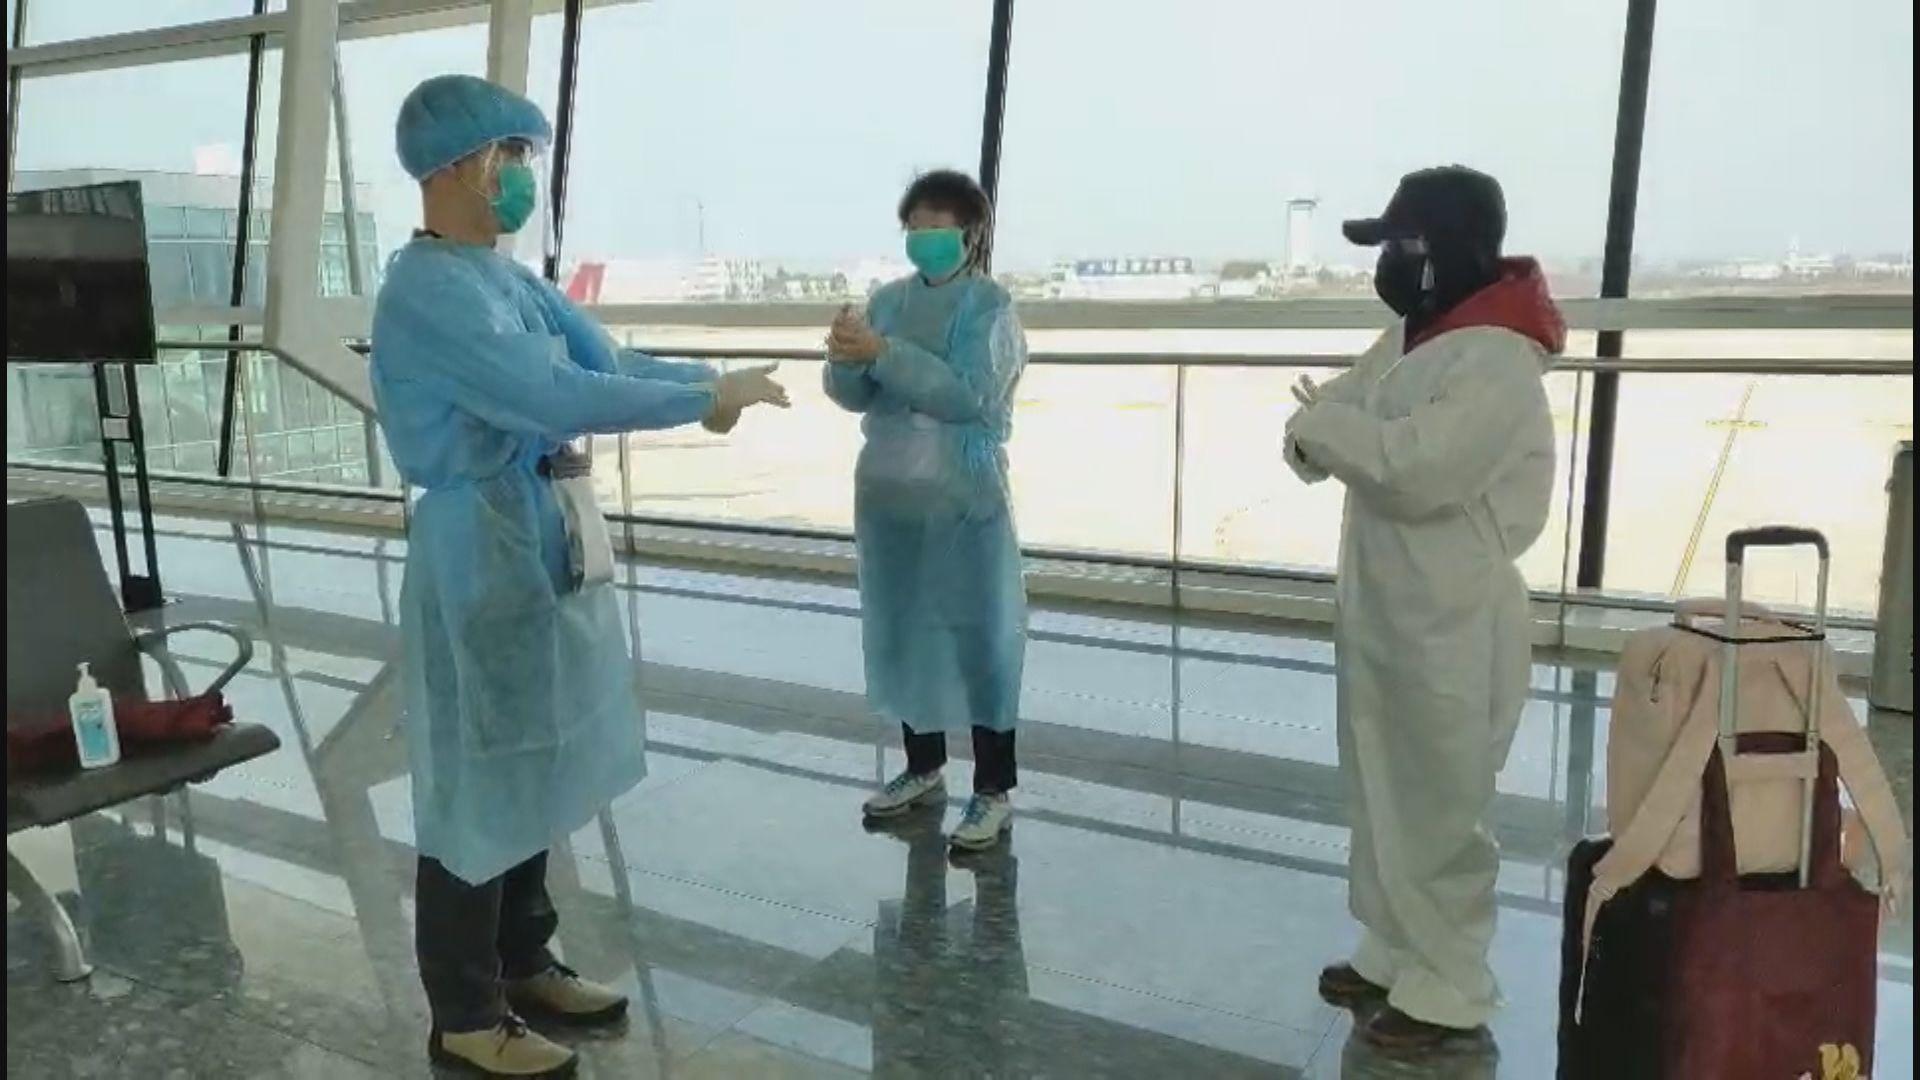 滯留湖北港人啟程回港 登機前有醫生示範消毒雙手